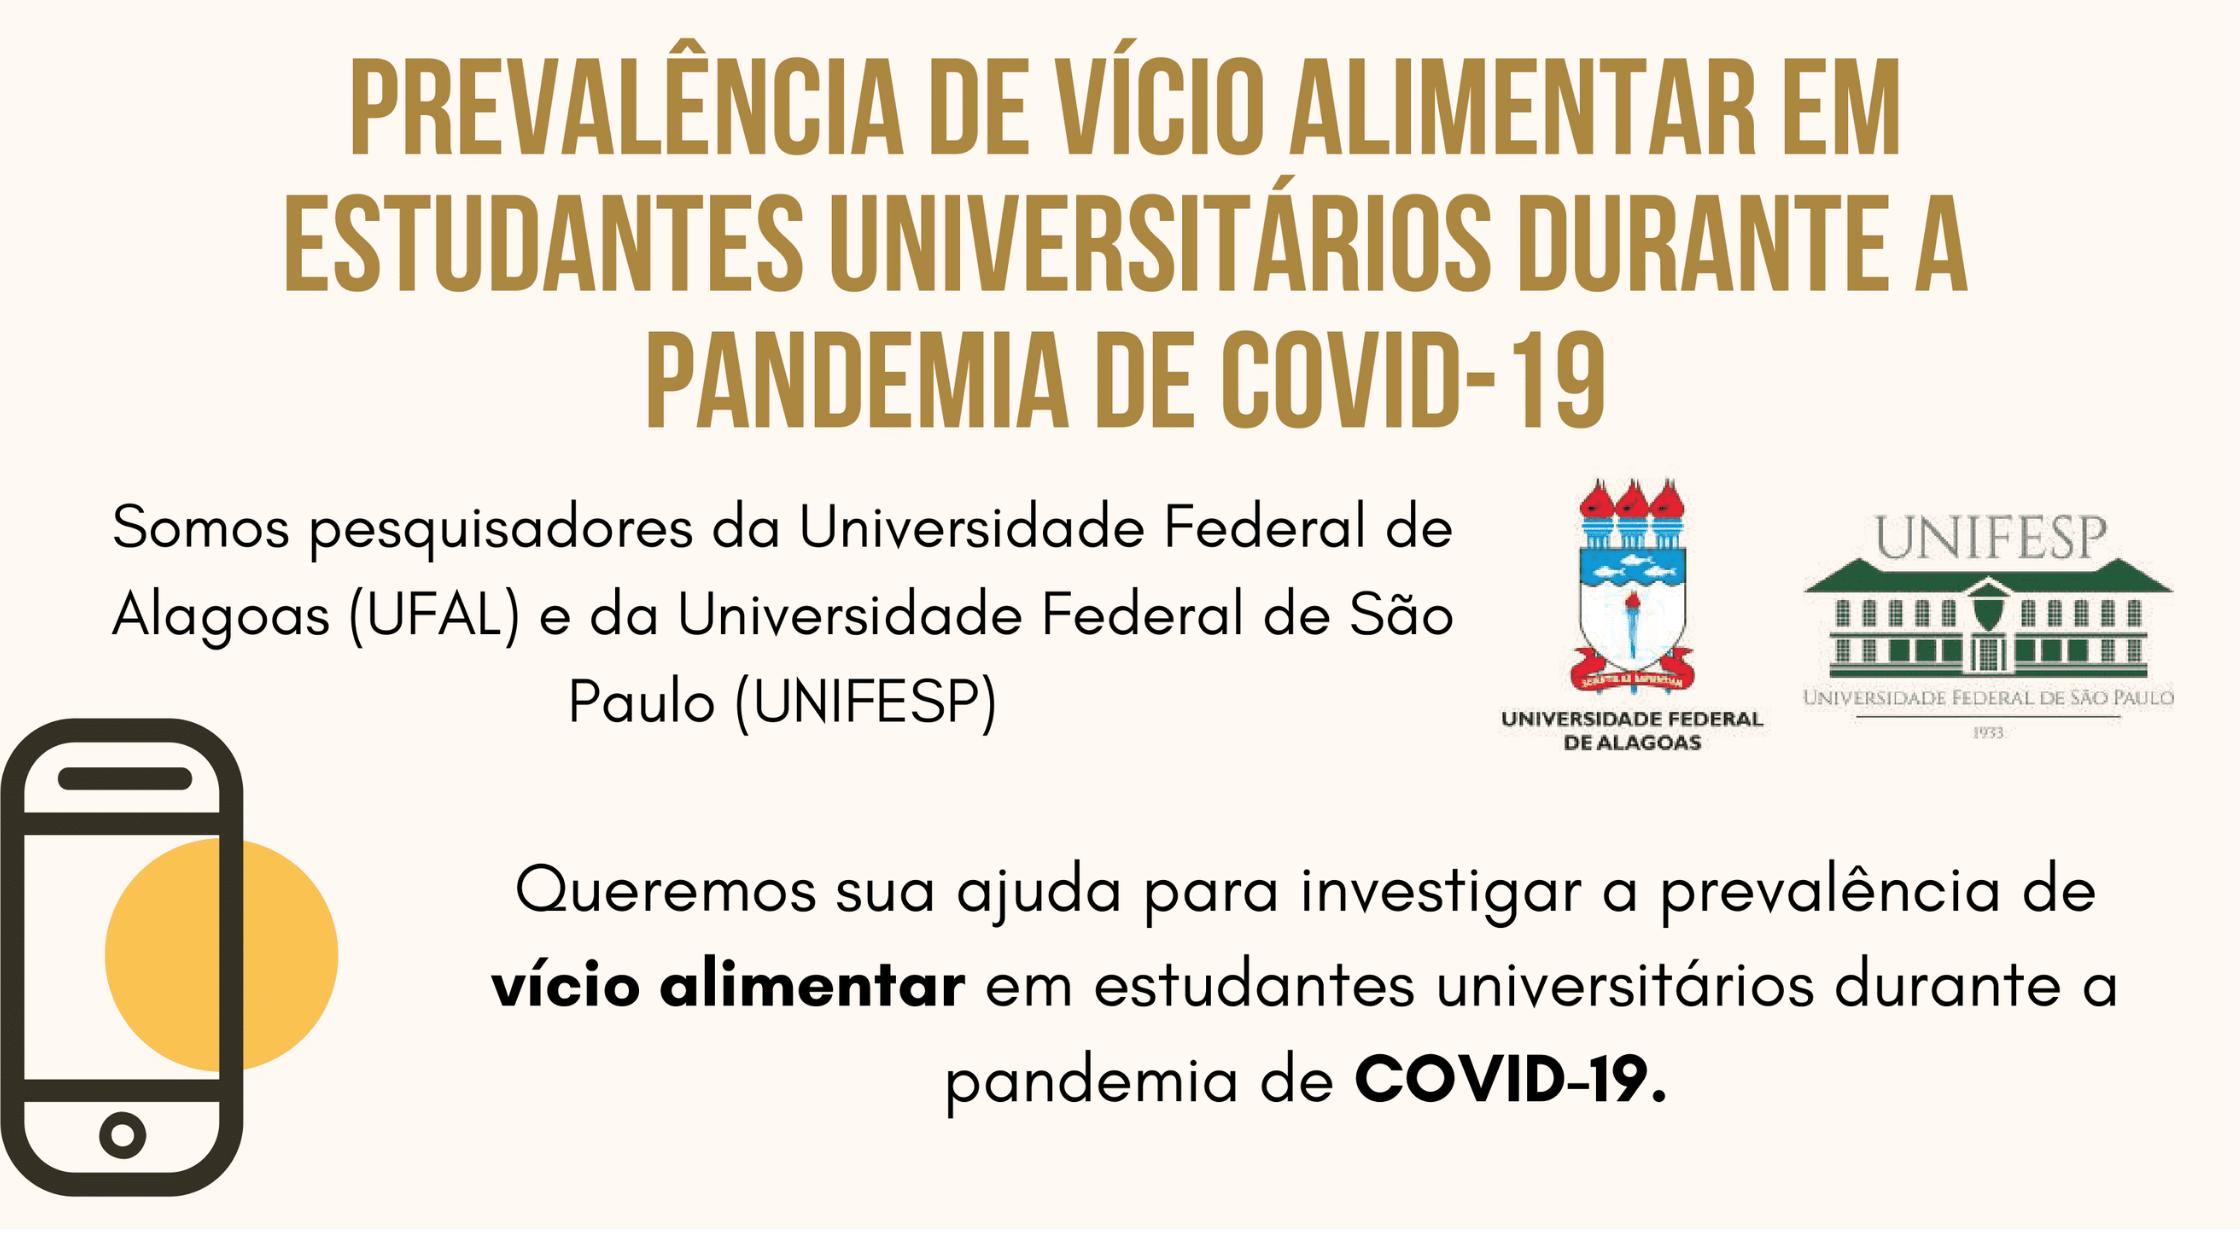 Proeg divulga pesquisa sobre vício alimentar em estudantes universitários durante apandemia de covid-19.